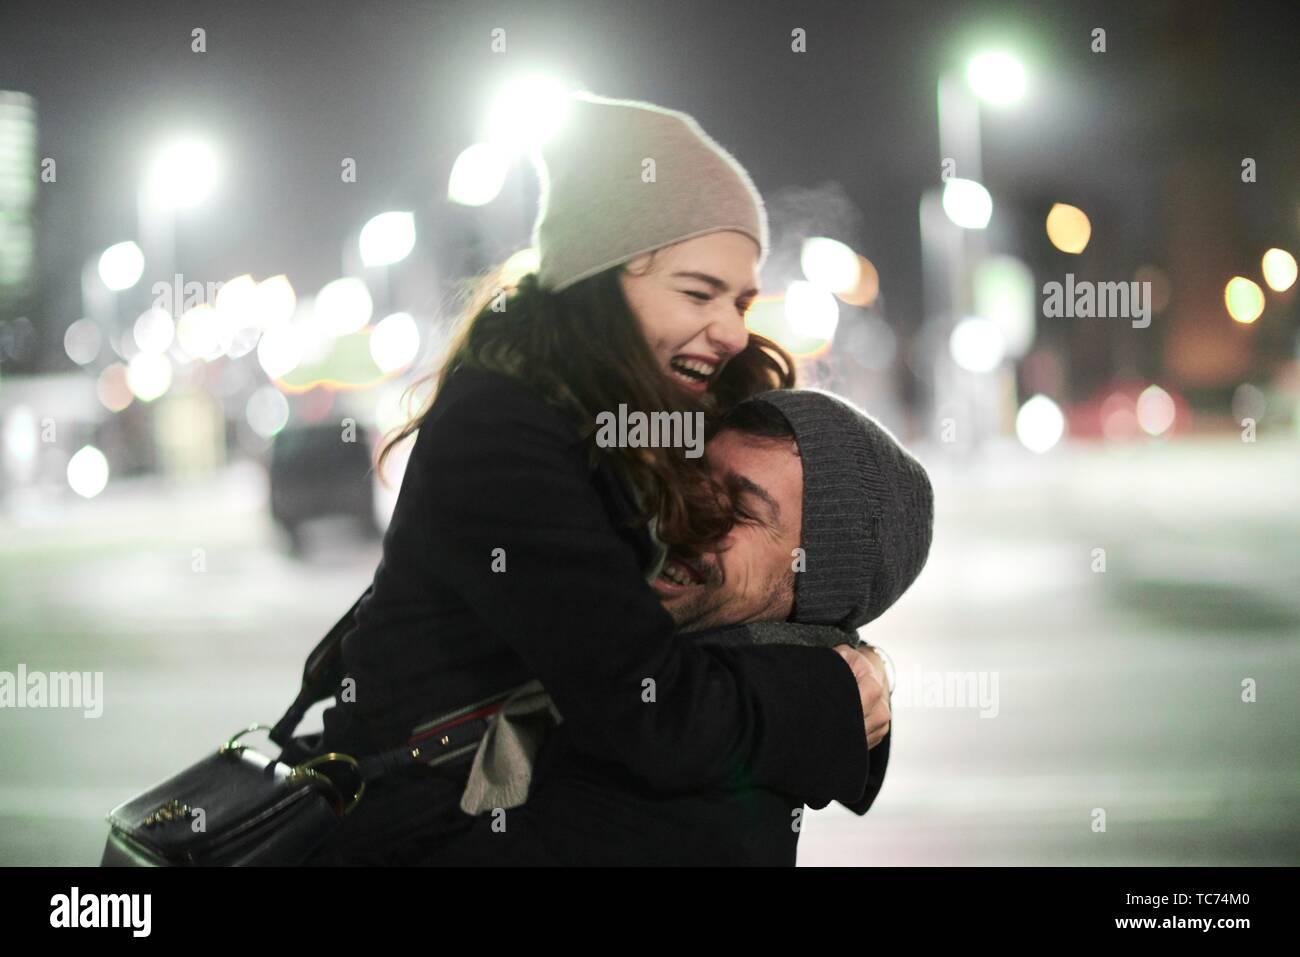 Paar in die Arme fallen, umarmen, lachen Liebhaber draußen in der Stadt in der Nacht, Glück, in München, Deutschland. Stockfoto